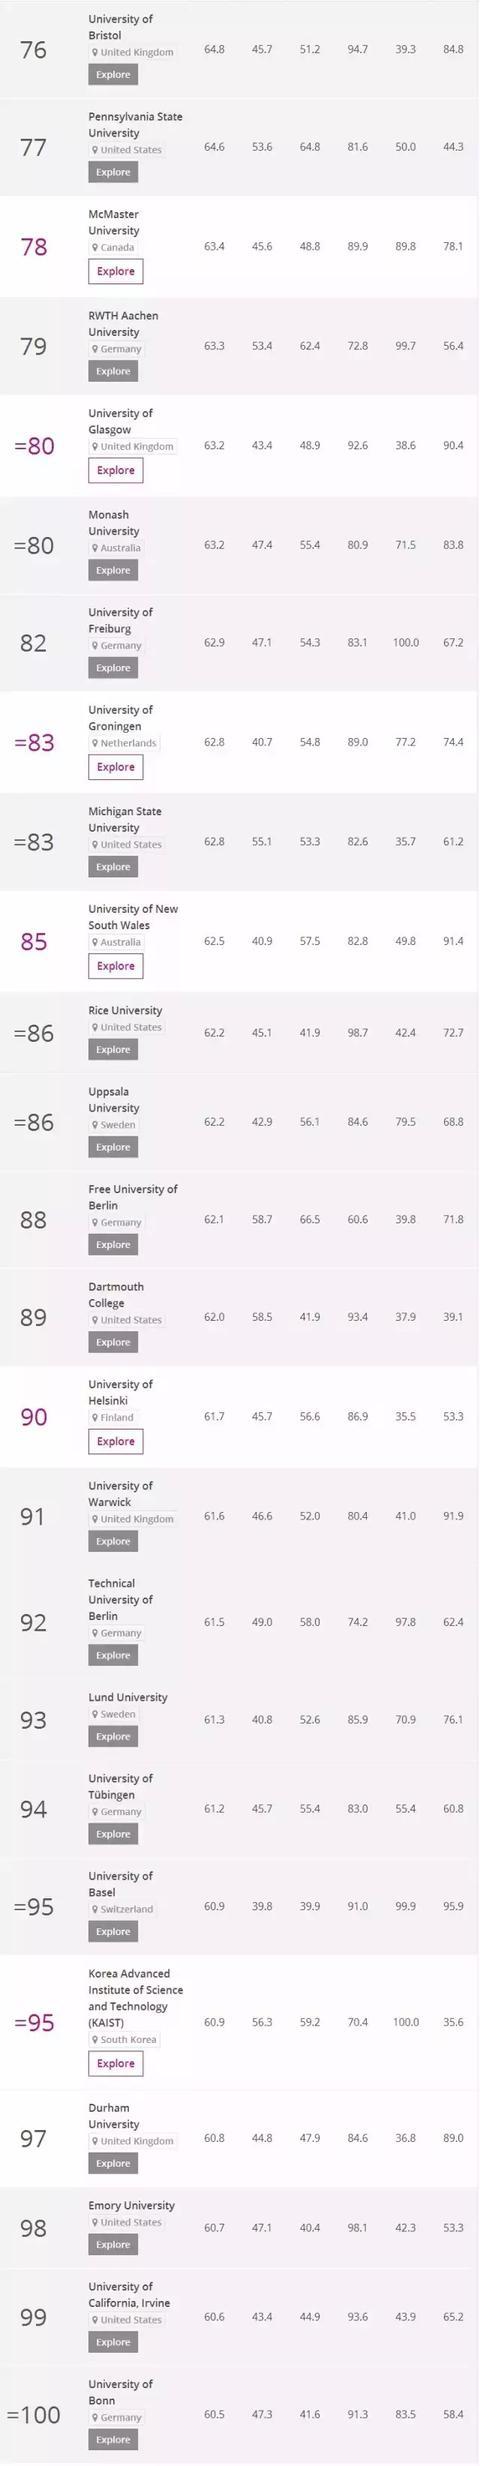 2018Times世界大学排名